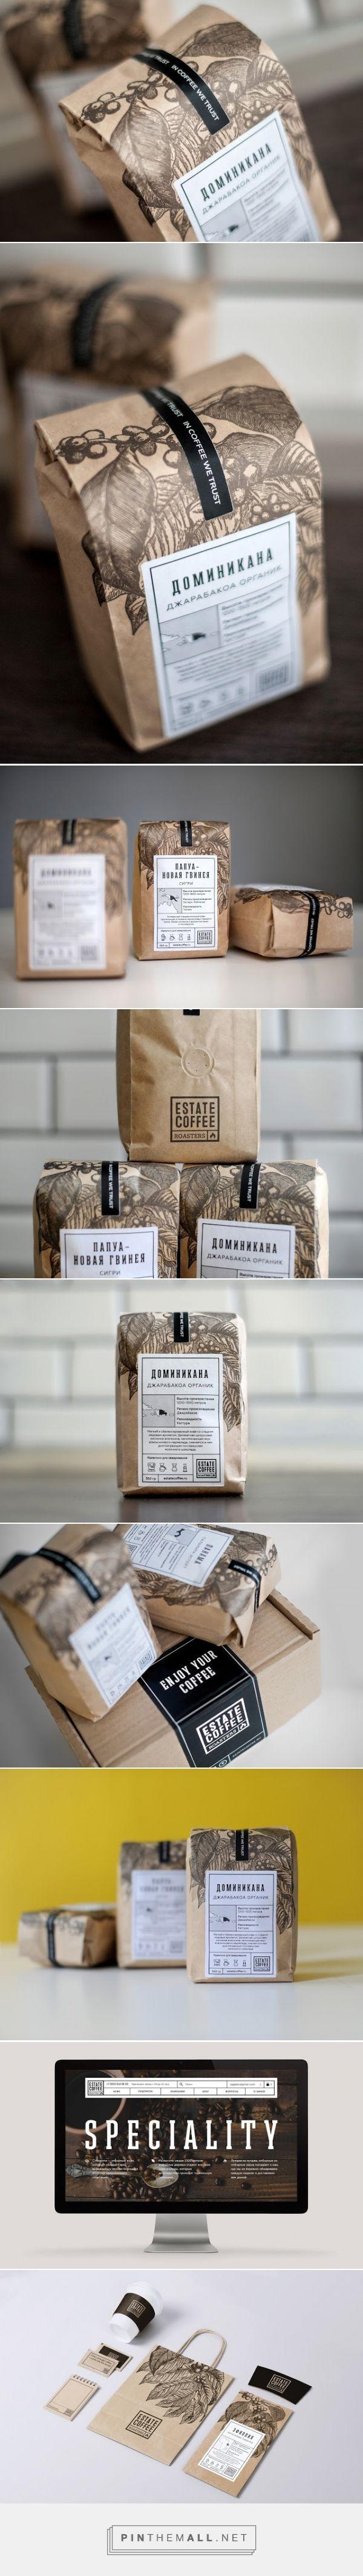 Estate Coffee Roasters packaging designed by AHEAD (Russia) Taler ind i den kvalitetsbevidste forbrugers behov med det æstetiske udtryk og duftprøven på bagsiden. Købet bliver en sanselig oplevelse.